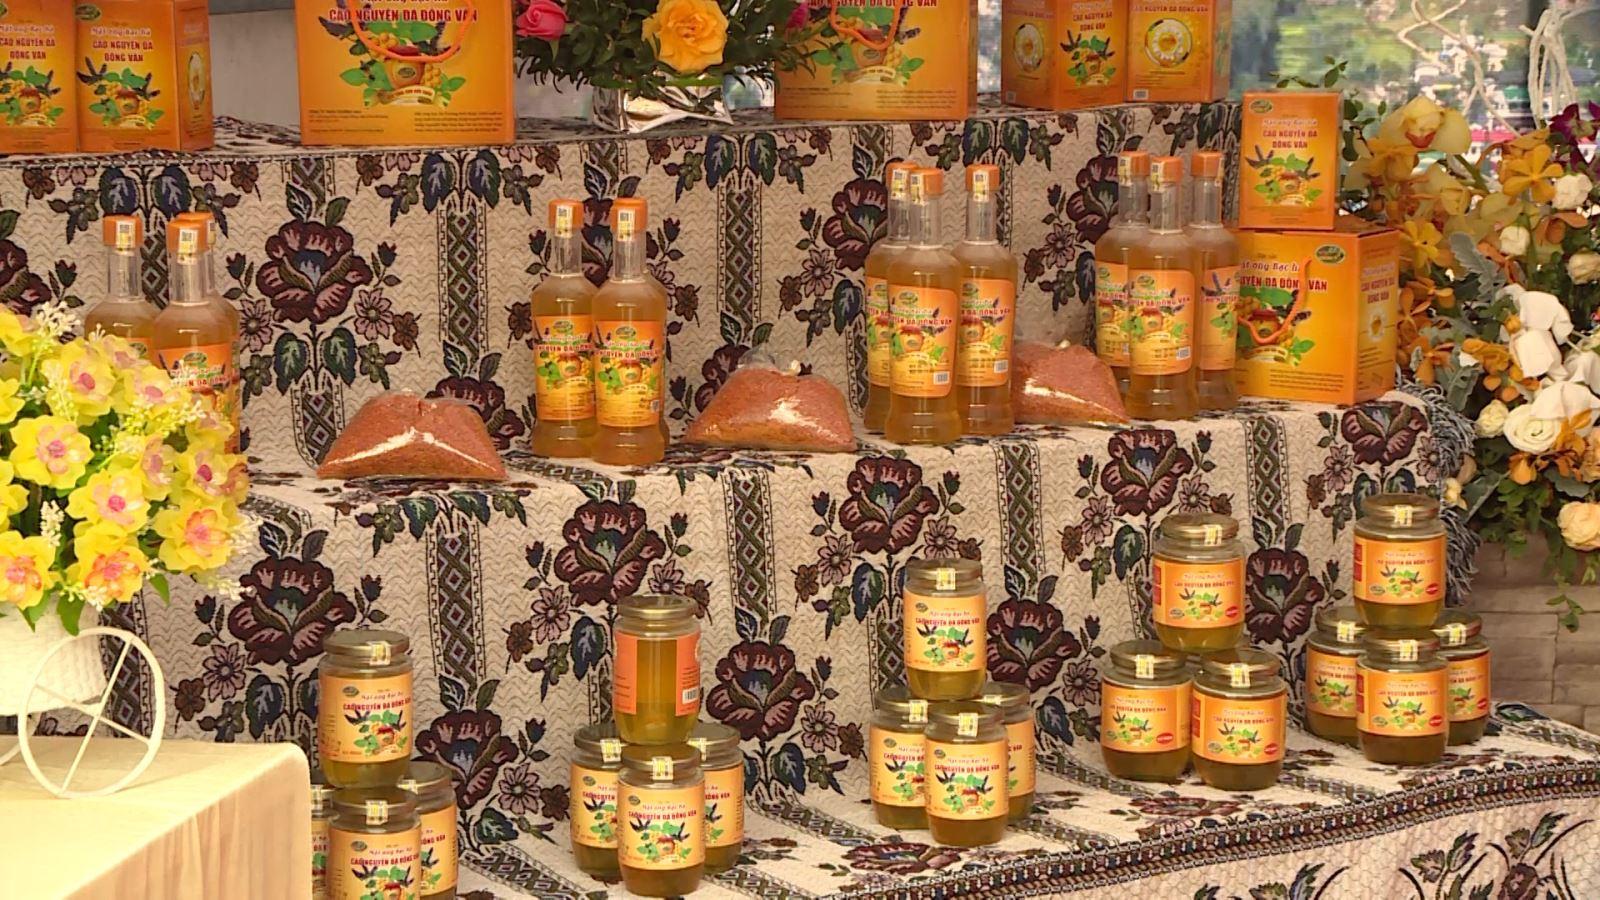 Để có được mật ong bạc hà xịn nguyên chất, hãy mua ở những địa chỉ bán uy tín